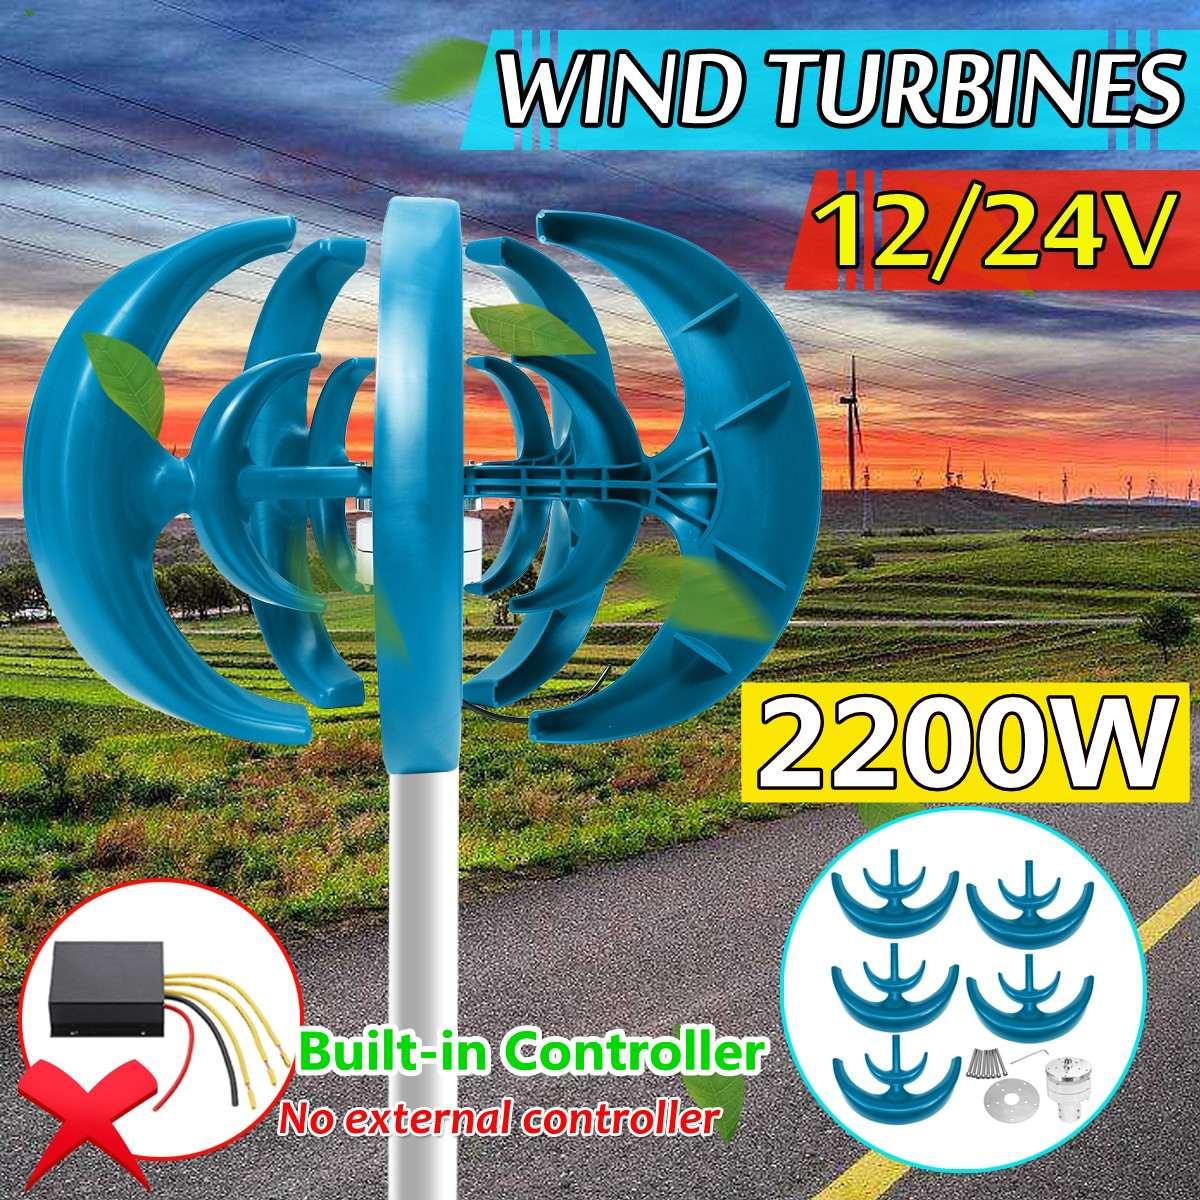 12 فولت 24 فولت فأس عمودية توربينات الرياح مولد فانوس 5 شفرات معدات موتور طاحونة الطاقة تهمة توربينات للمنزل التخييم 2200 واط